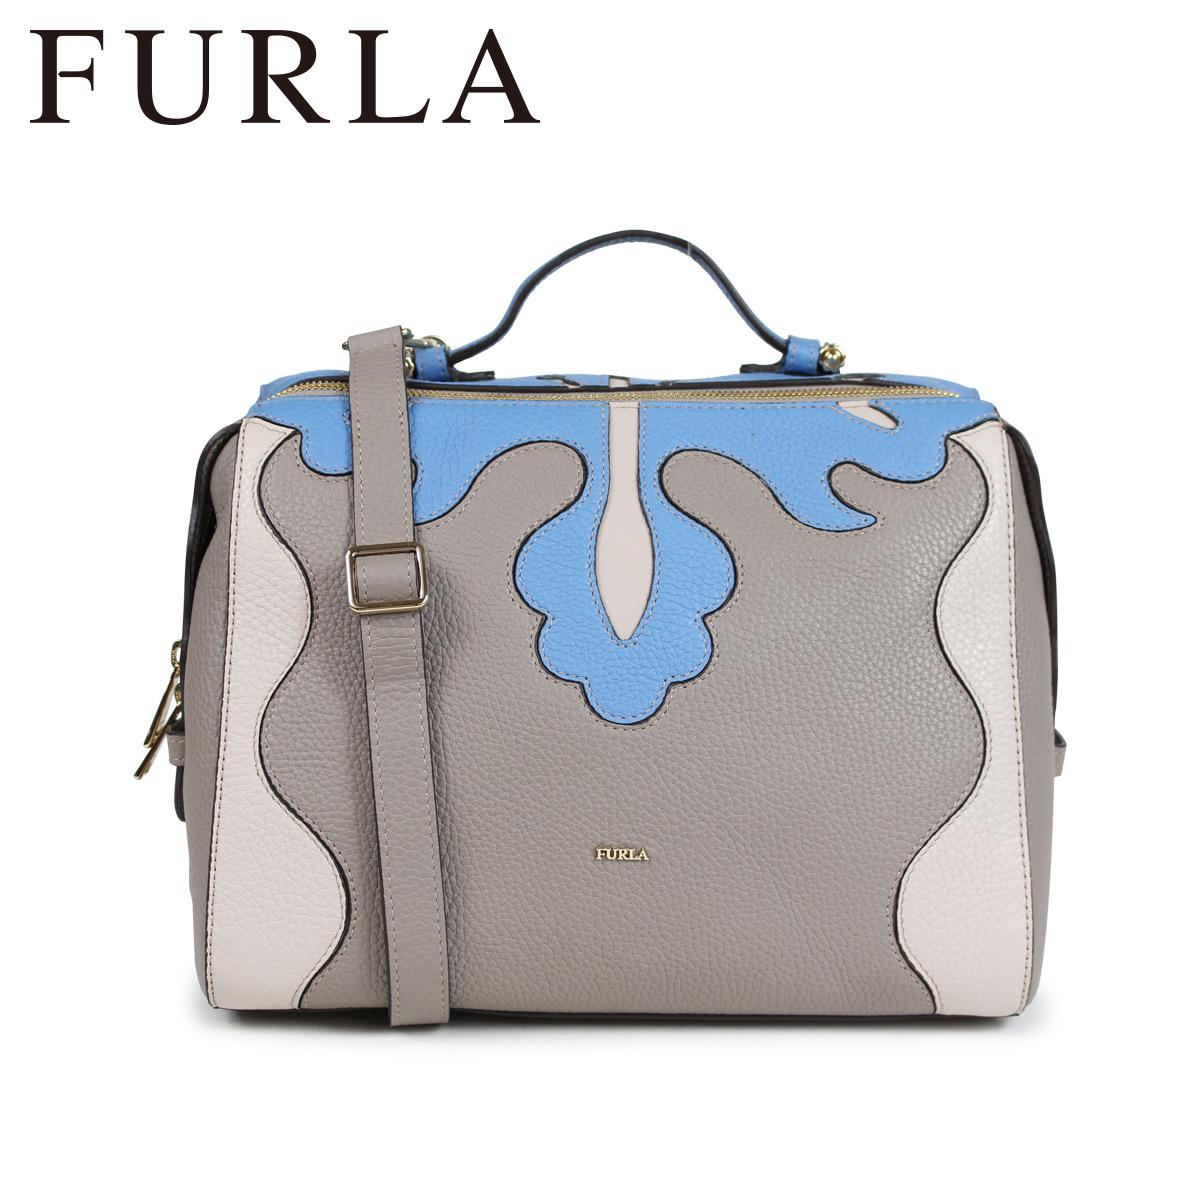 FURLA フルラ バッグ ハンドバッグ ショルダー レディース EXCELSA TOP HANDLE BAG ライトグレー 961824